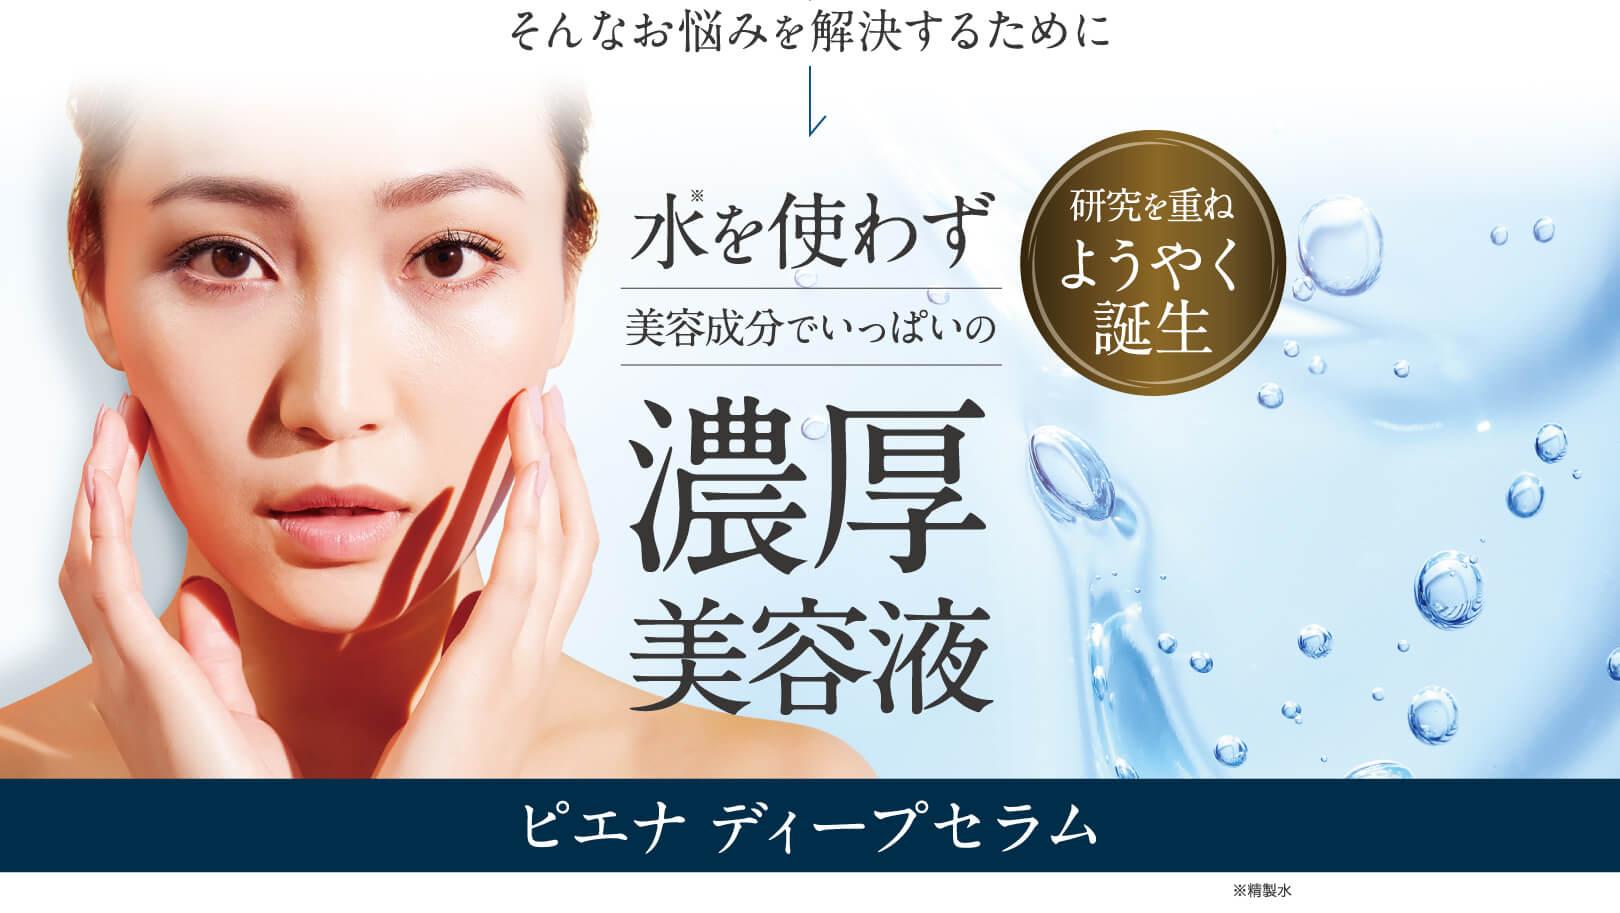 水を使わず美容成分でいっぱいの濃厚美容液